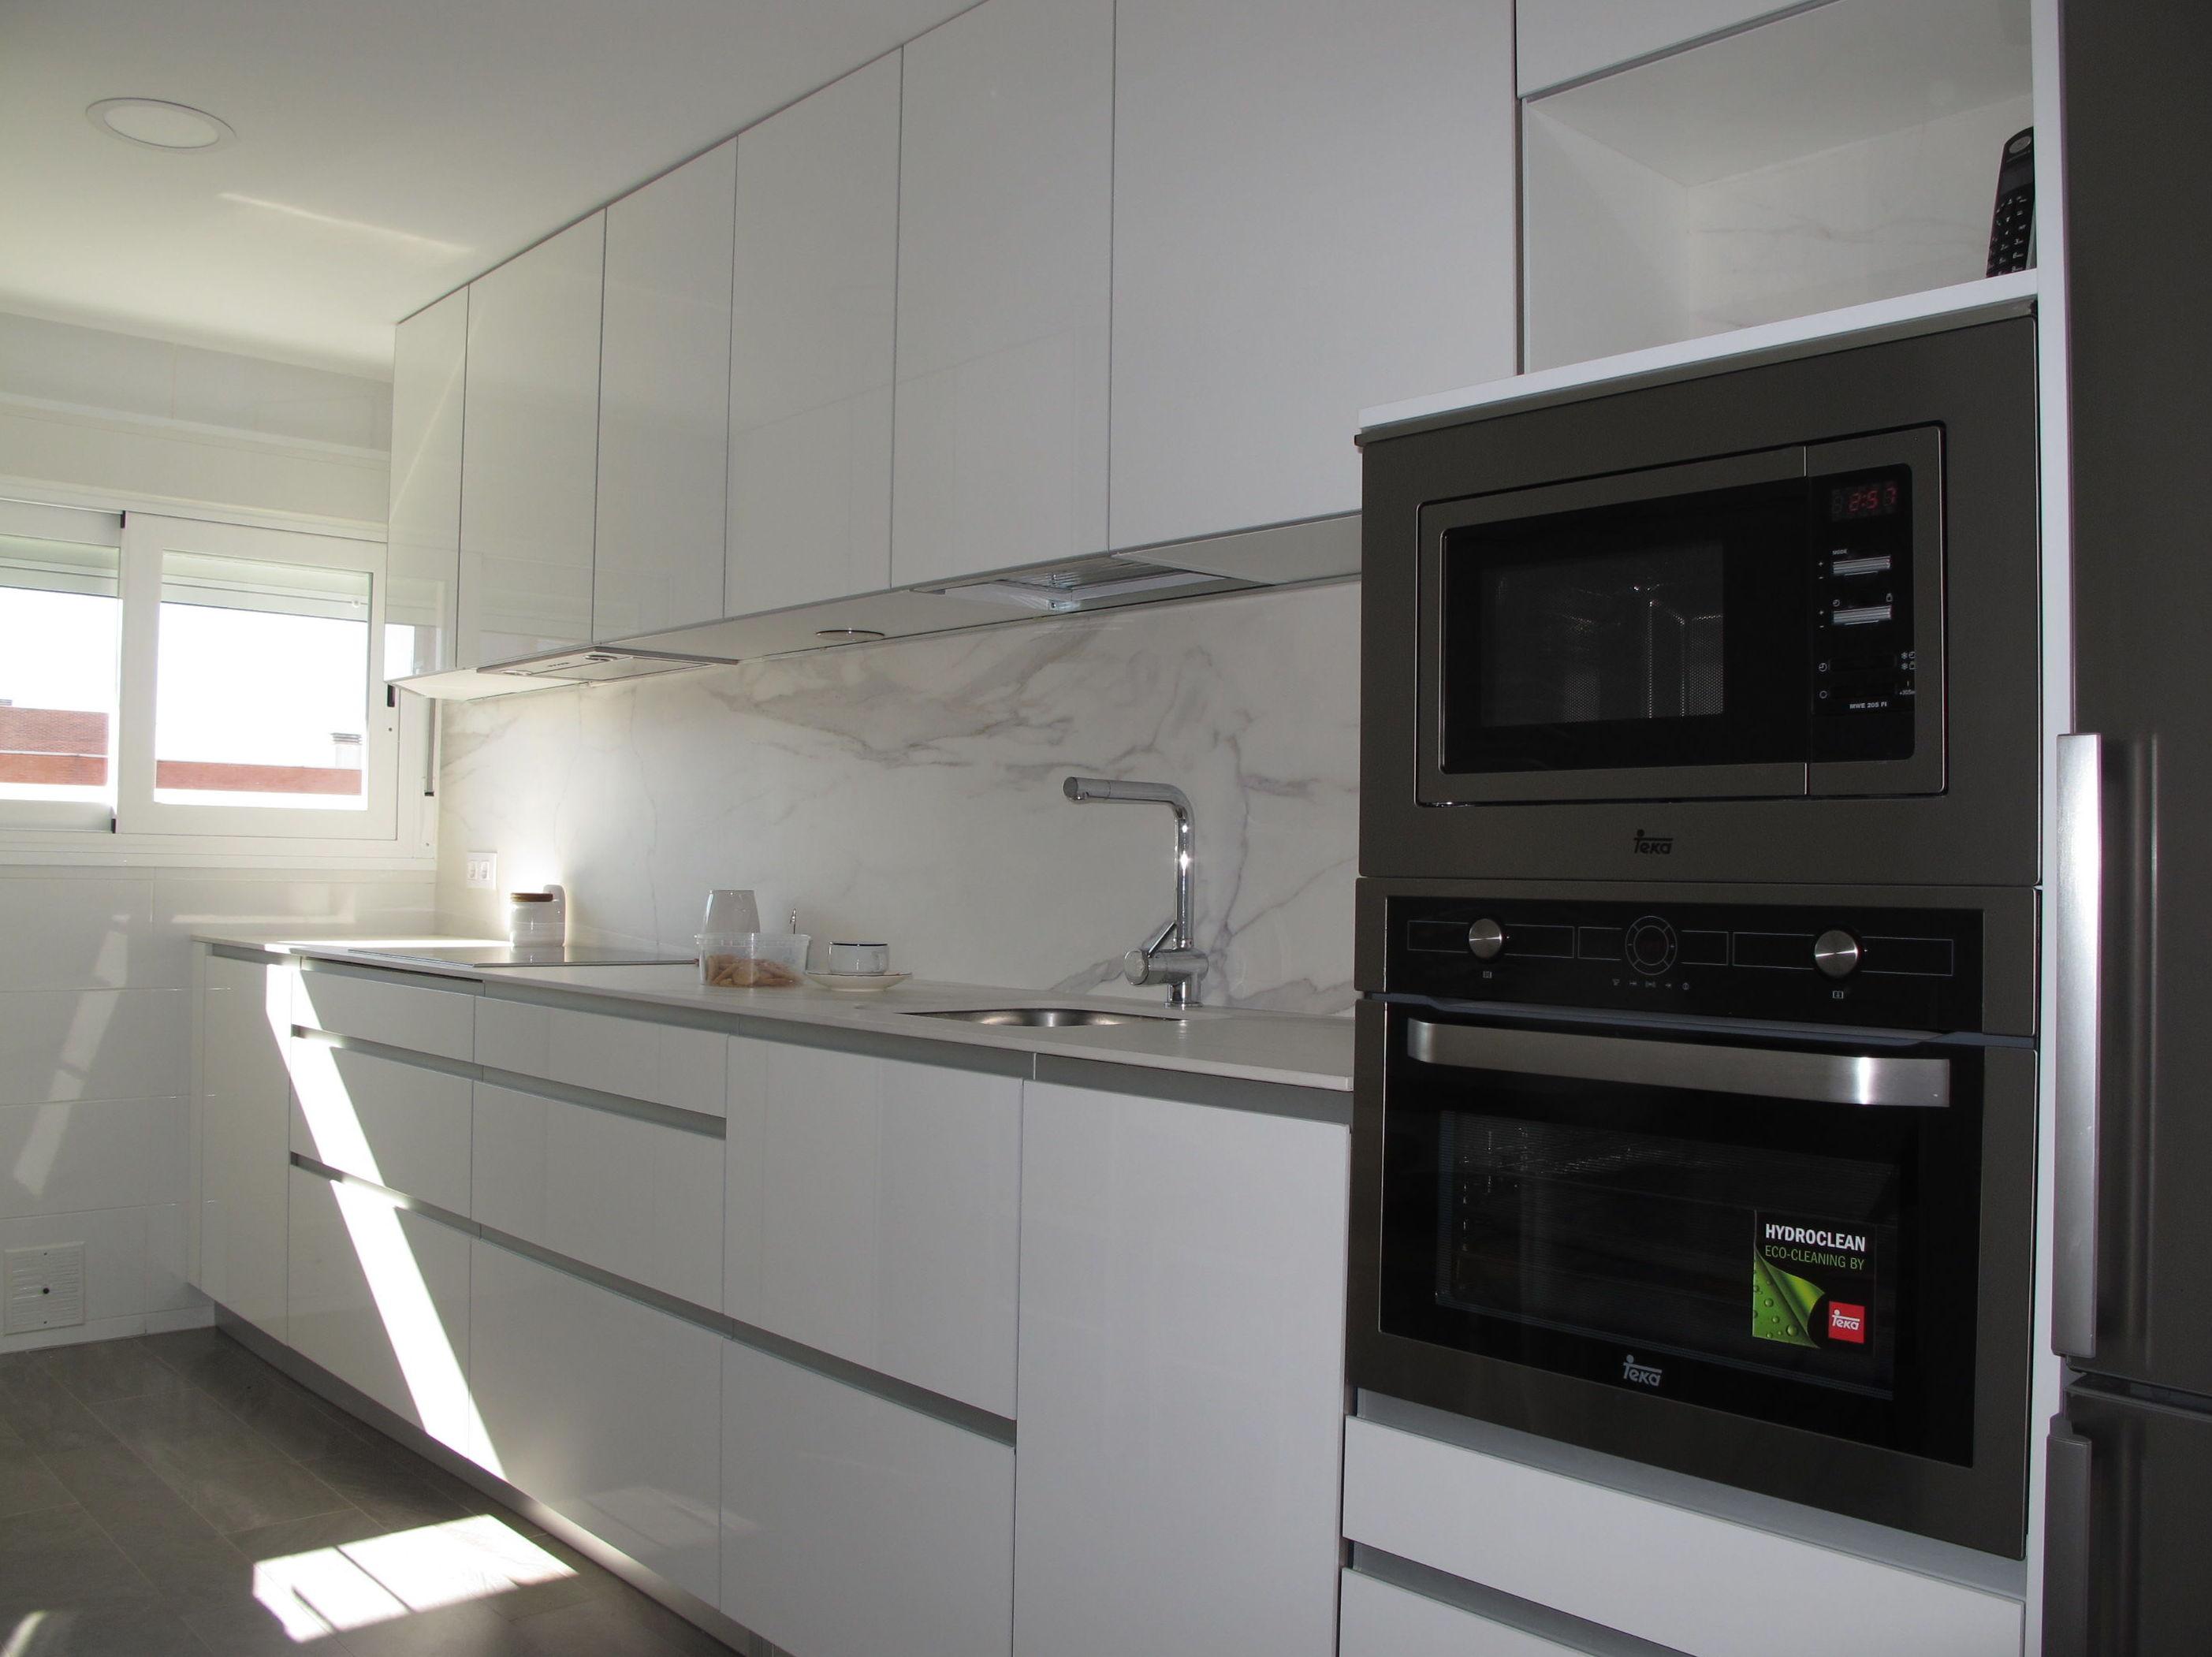 Bonito cocinas blancas brillo fotos cocinas valencia - Cocinas blanco brillo ...